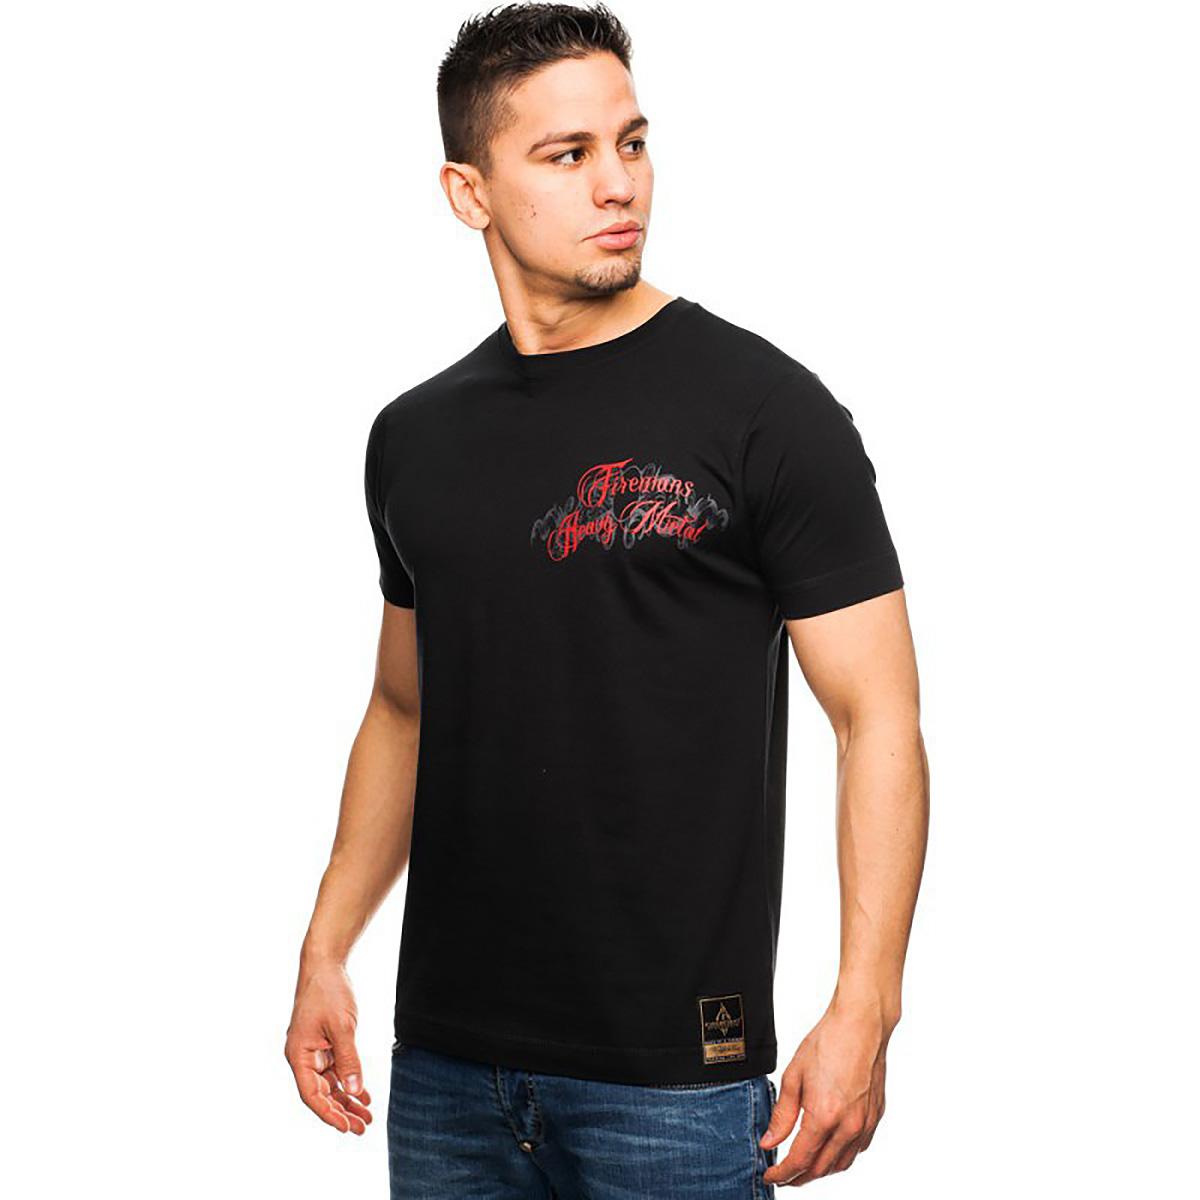 Fireman´s Heavy Metal - Männer T-Shirt schwarz